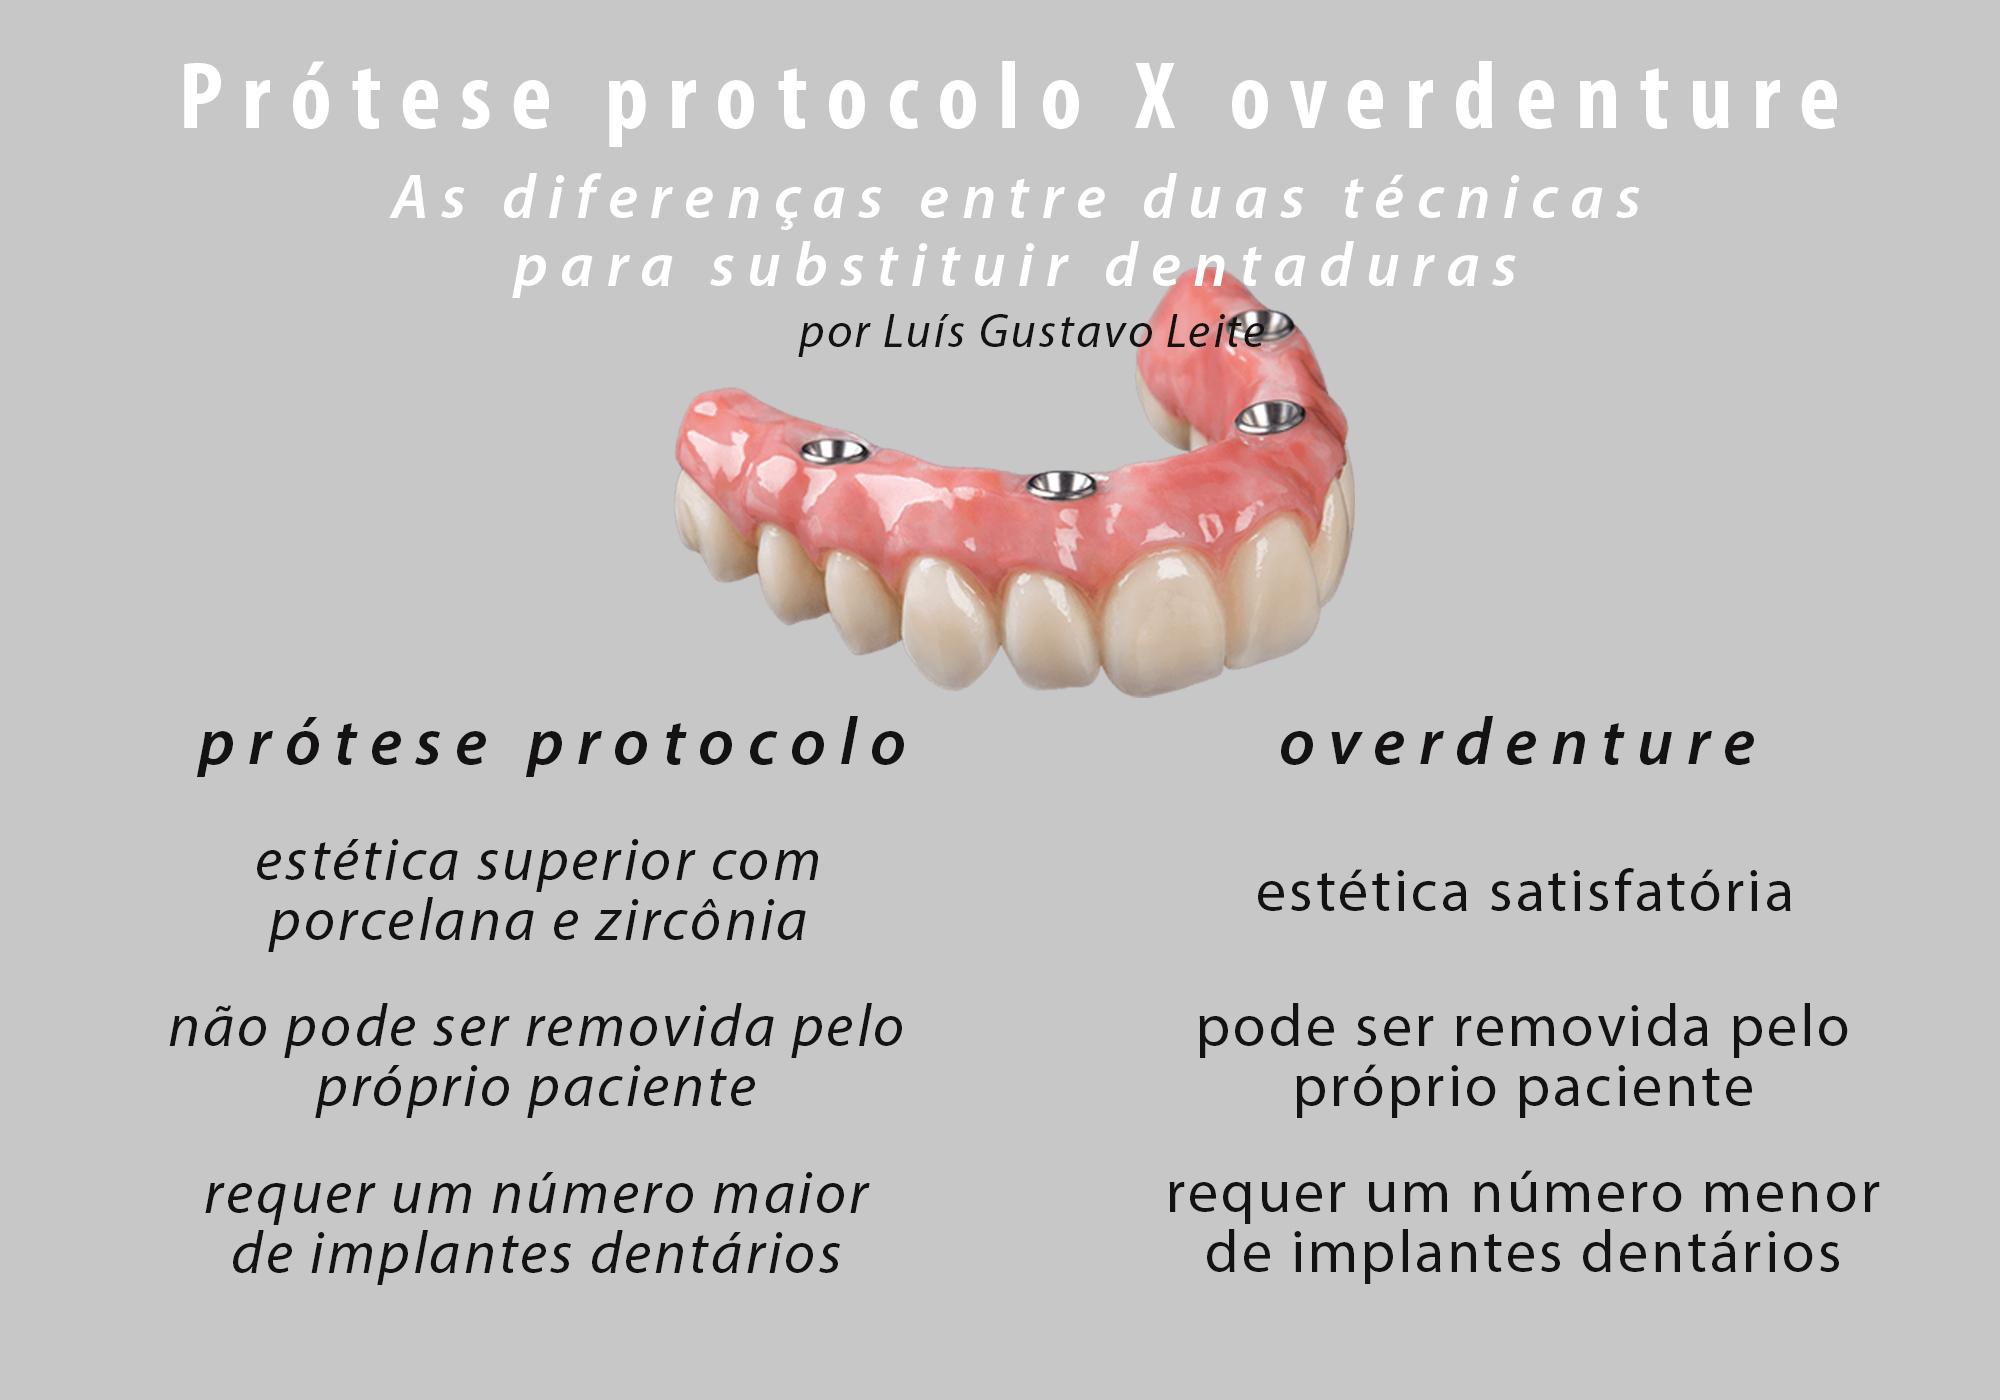 protese protocolo e overdenture diferenças diagrama